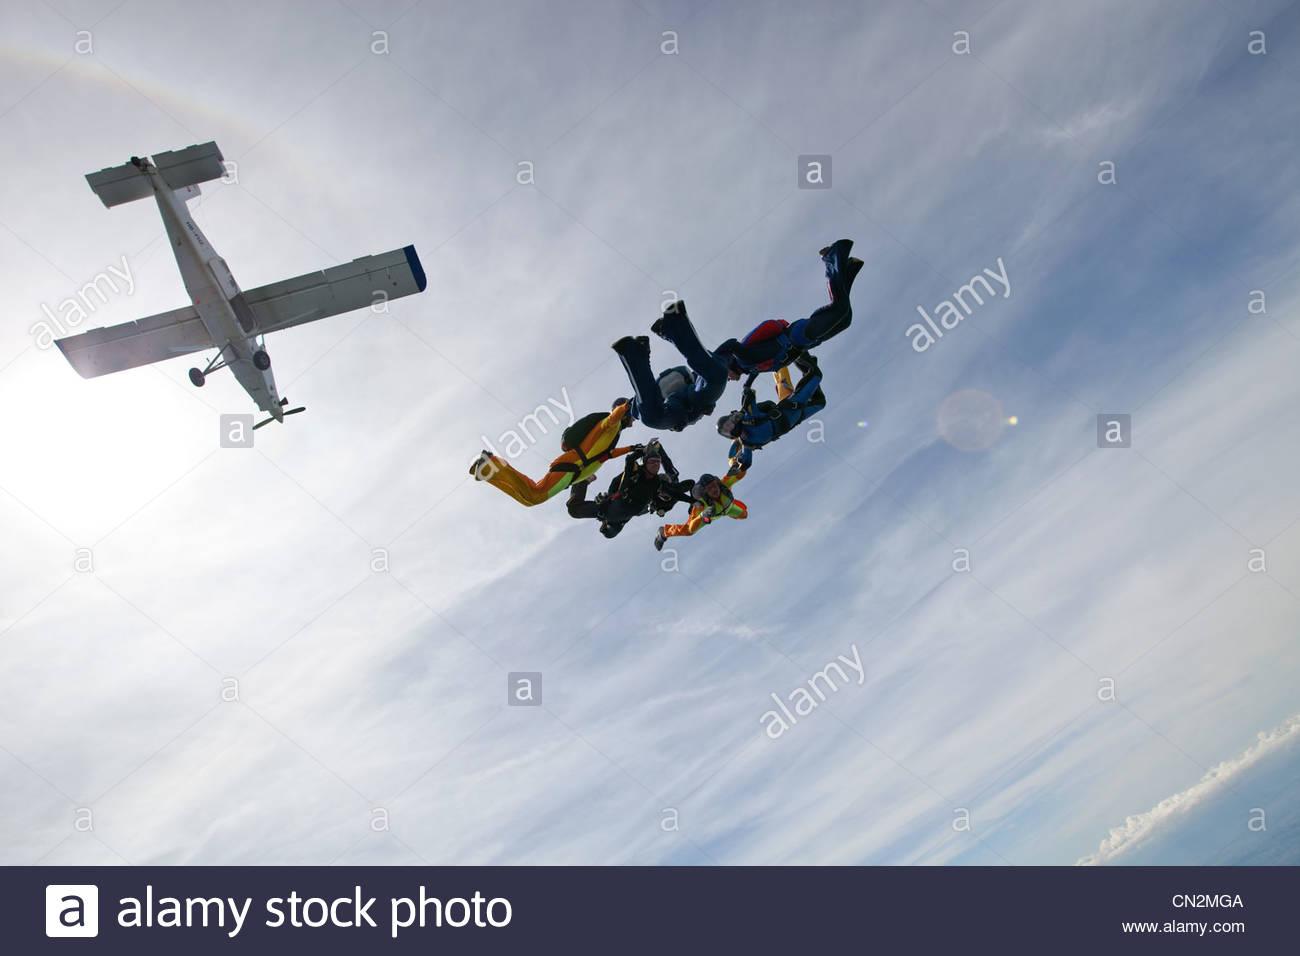 Formation skydiving over Saanen, Bern, Switzerland - Stock Image